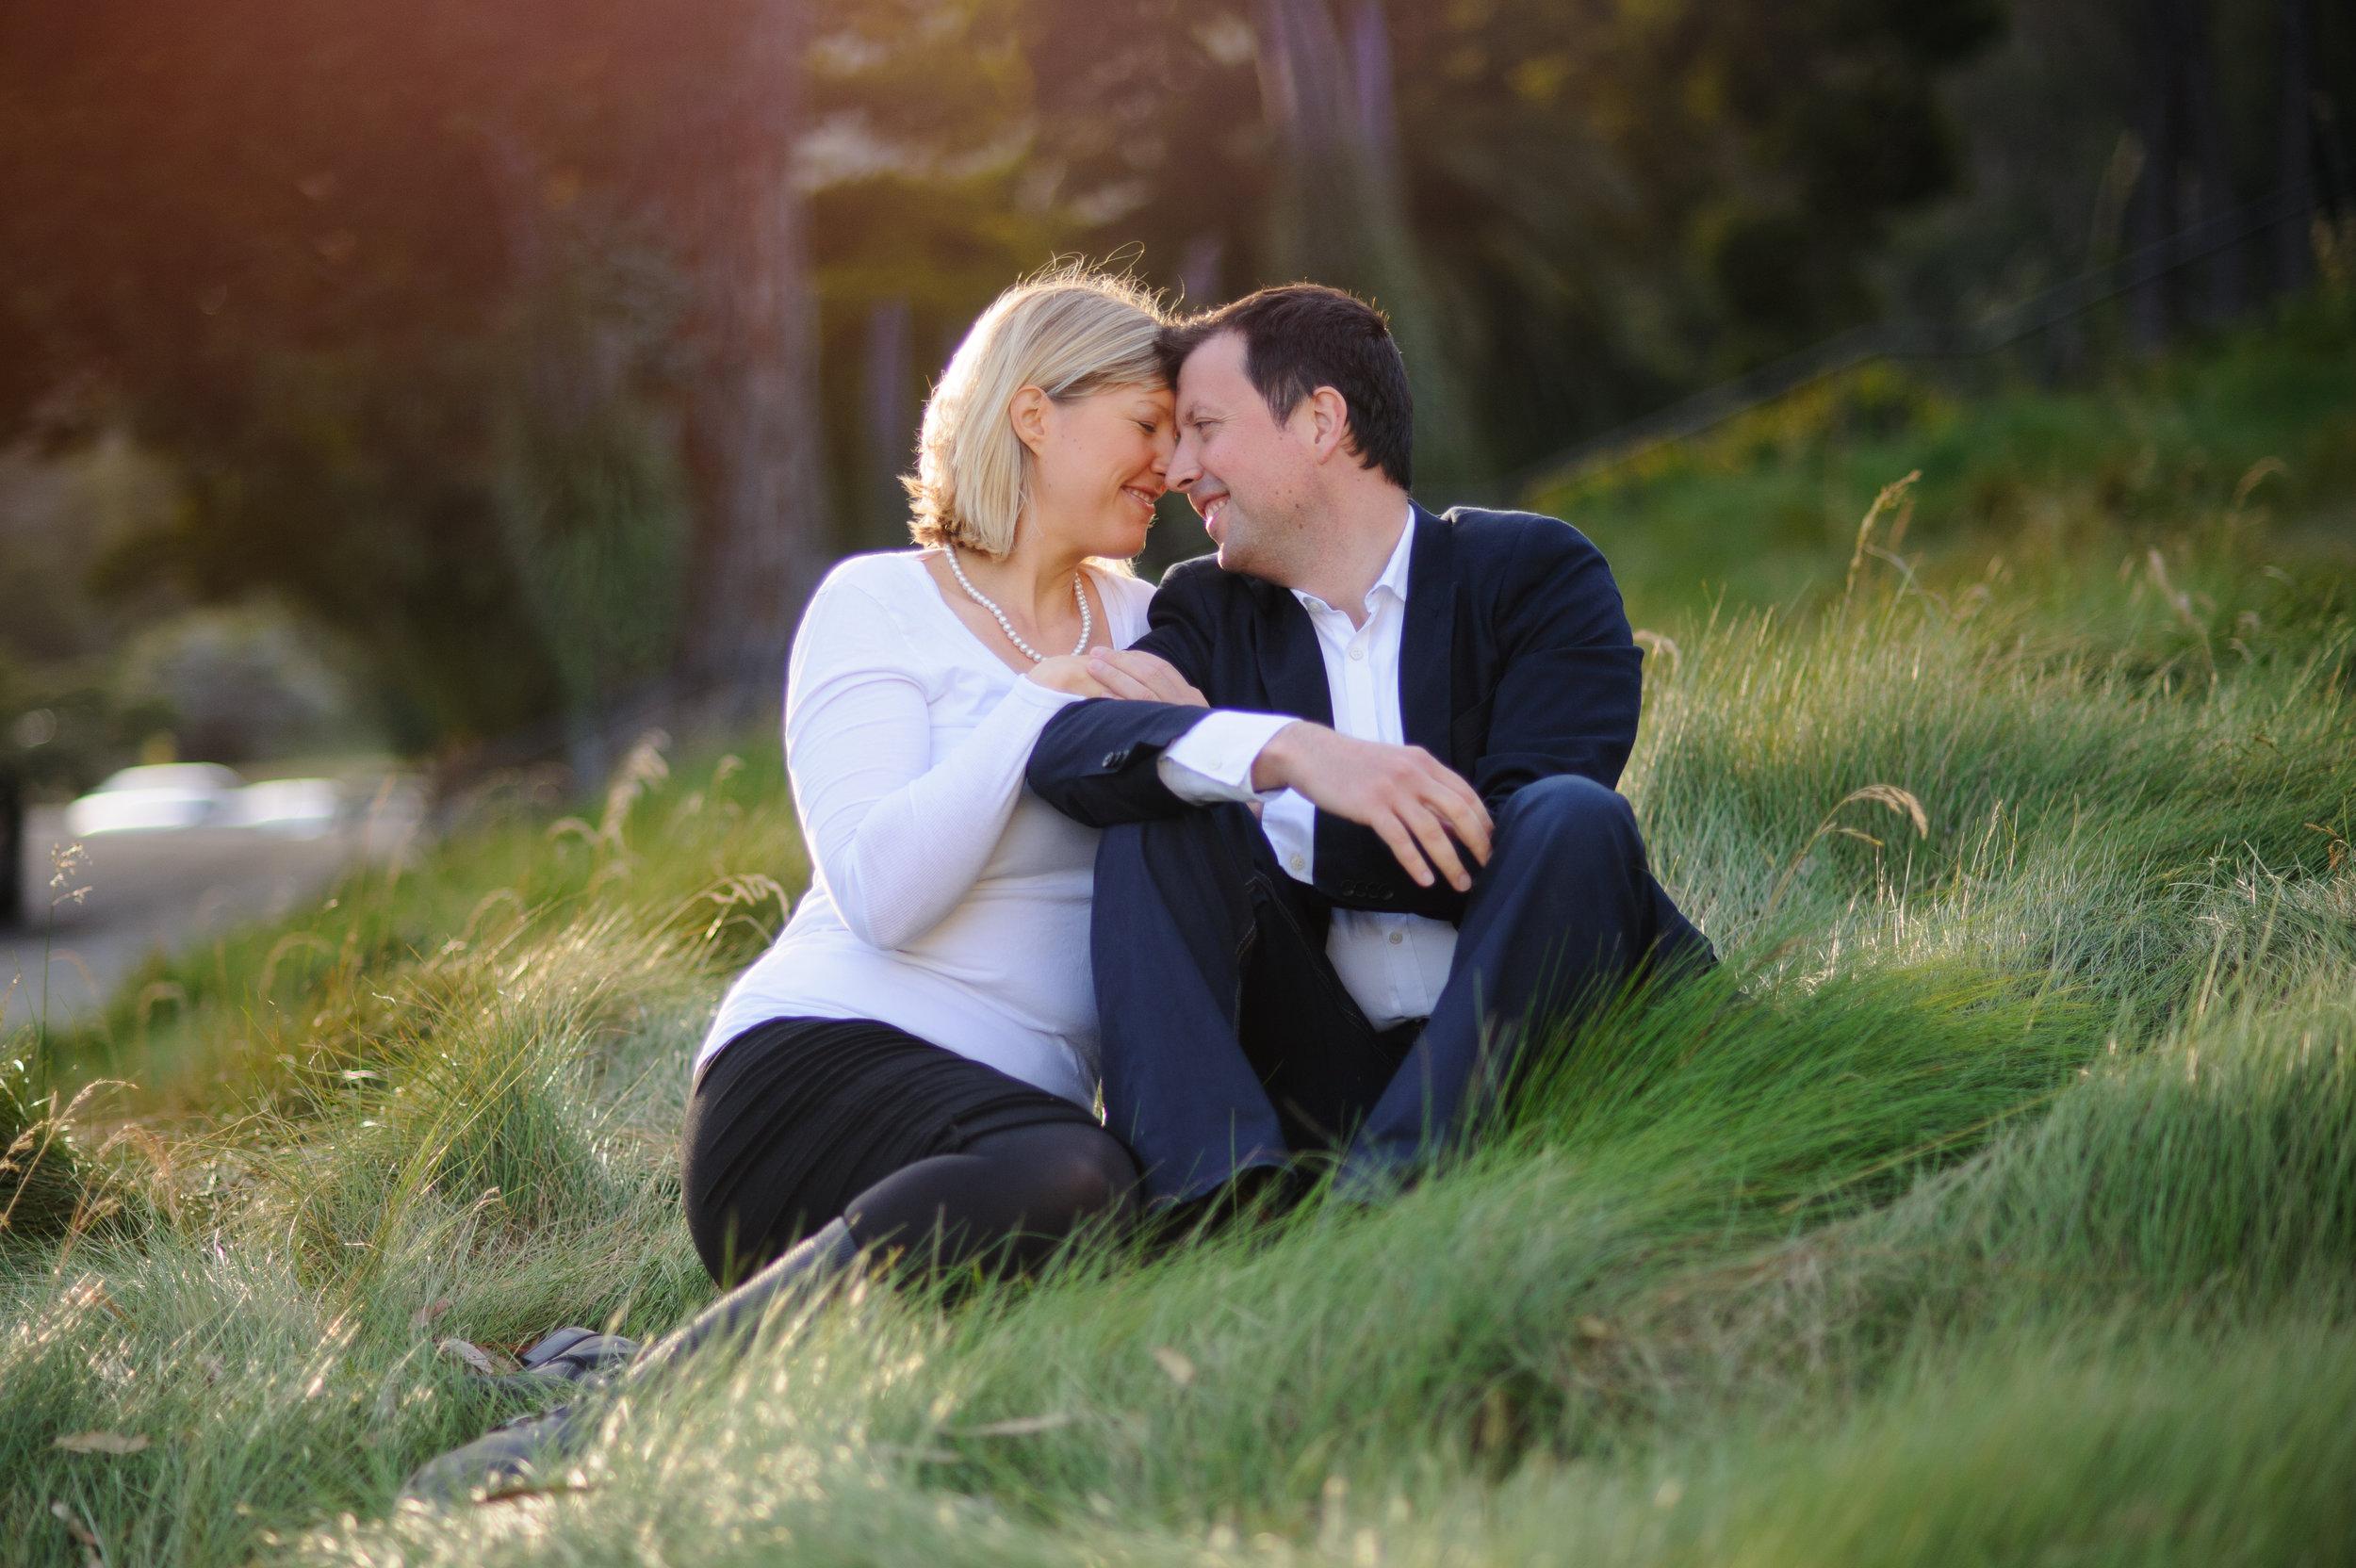 reed-aleks-002-san-francisco-engagement-wedding-photographer-katherine-nicole-photography.JPG